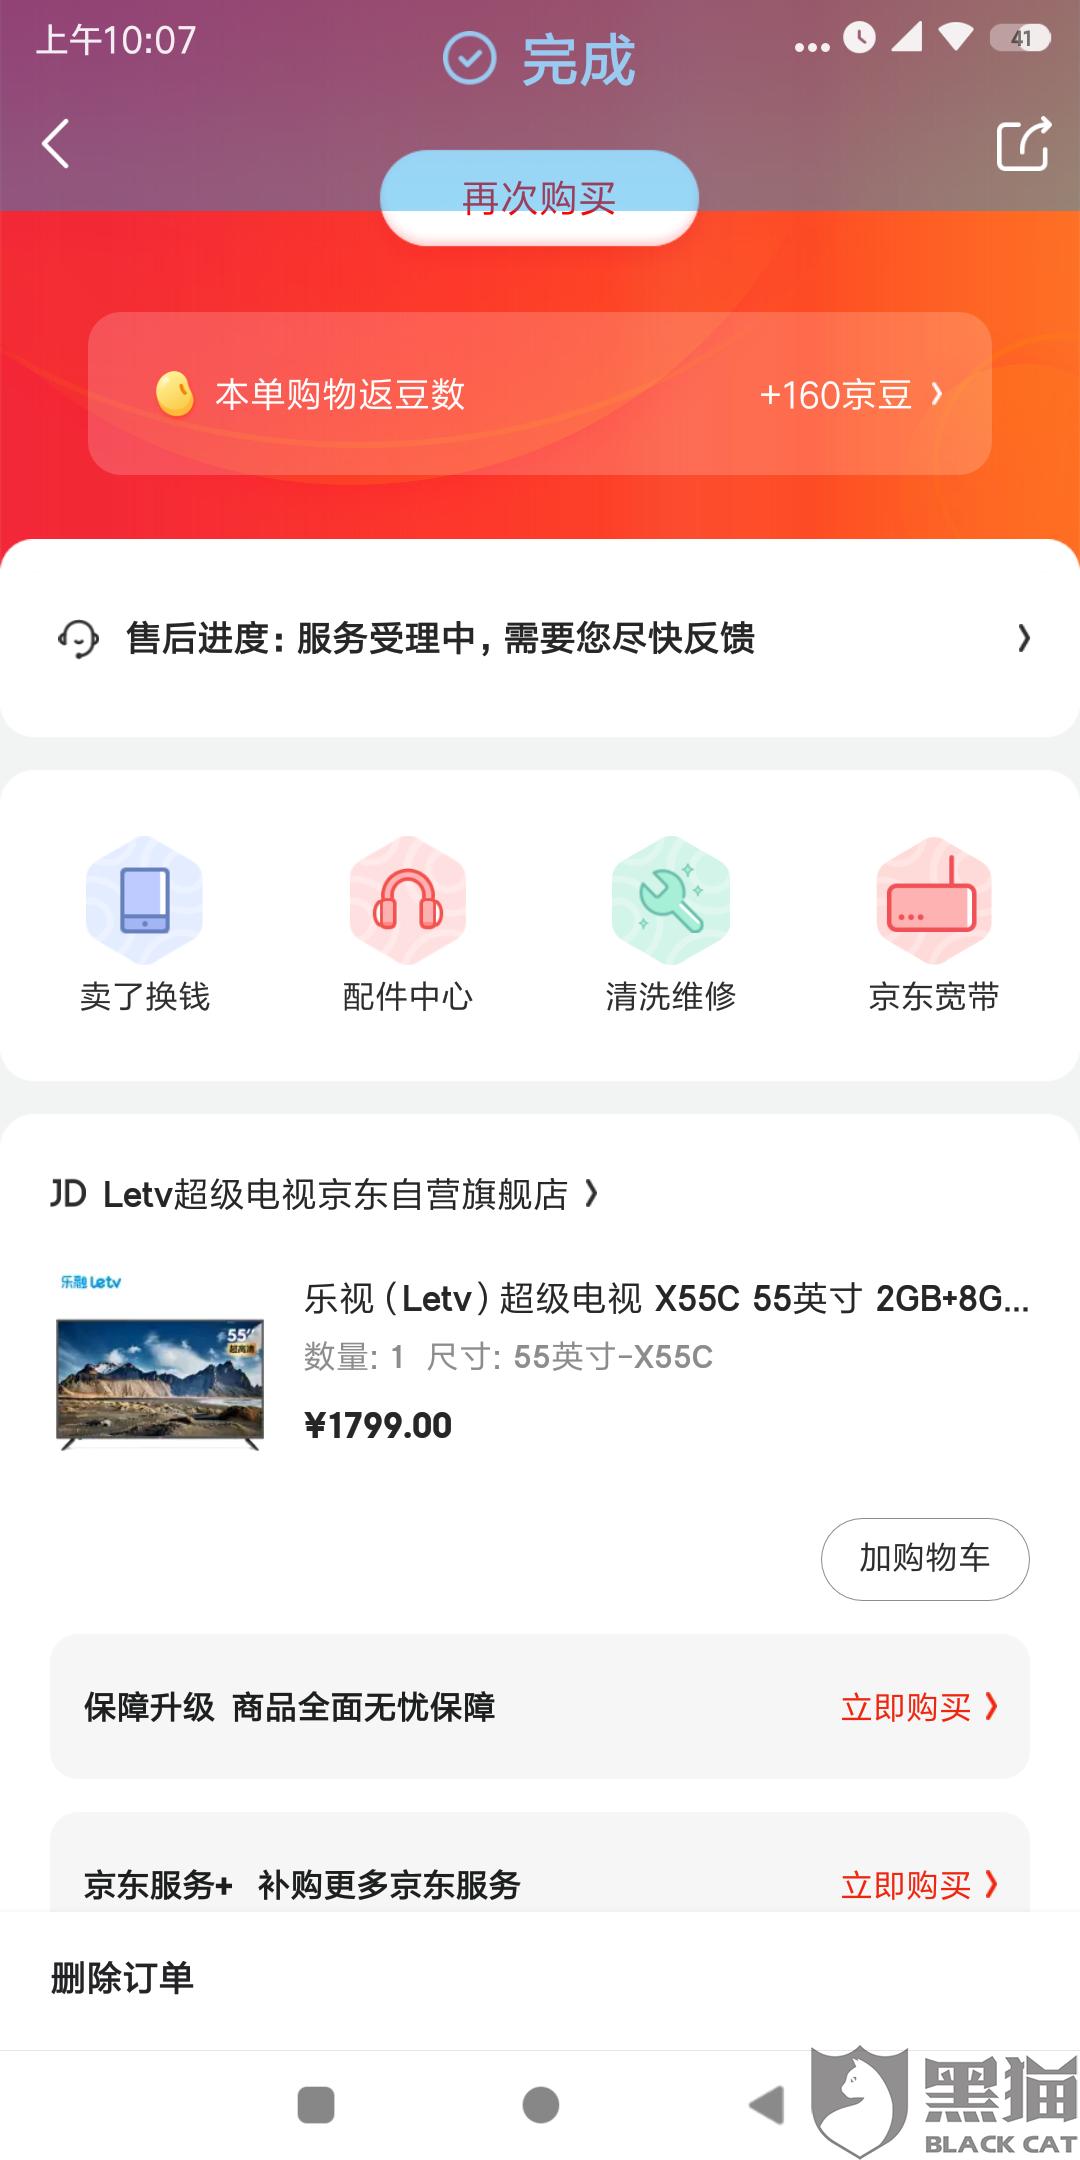 黑猫投诉:京东自营乐视旗舰店购买的乐视x55c电视